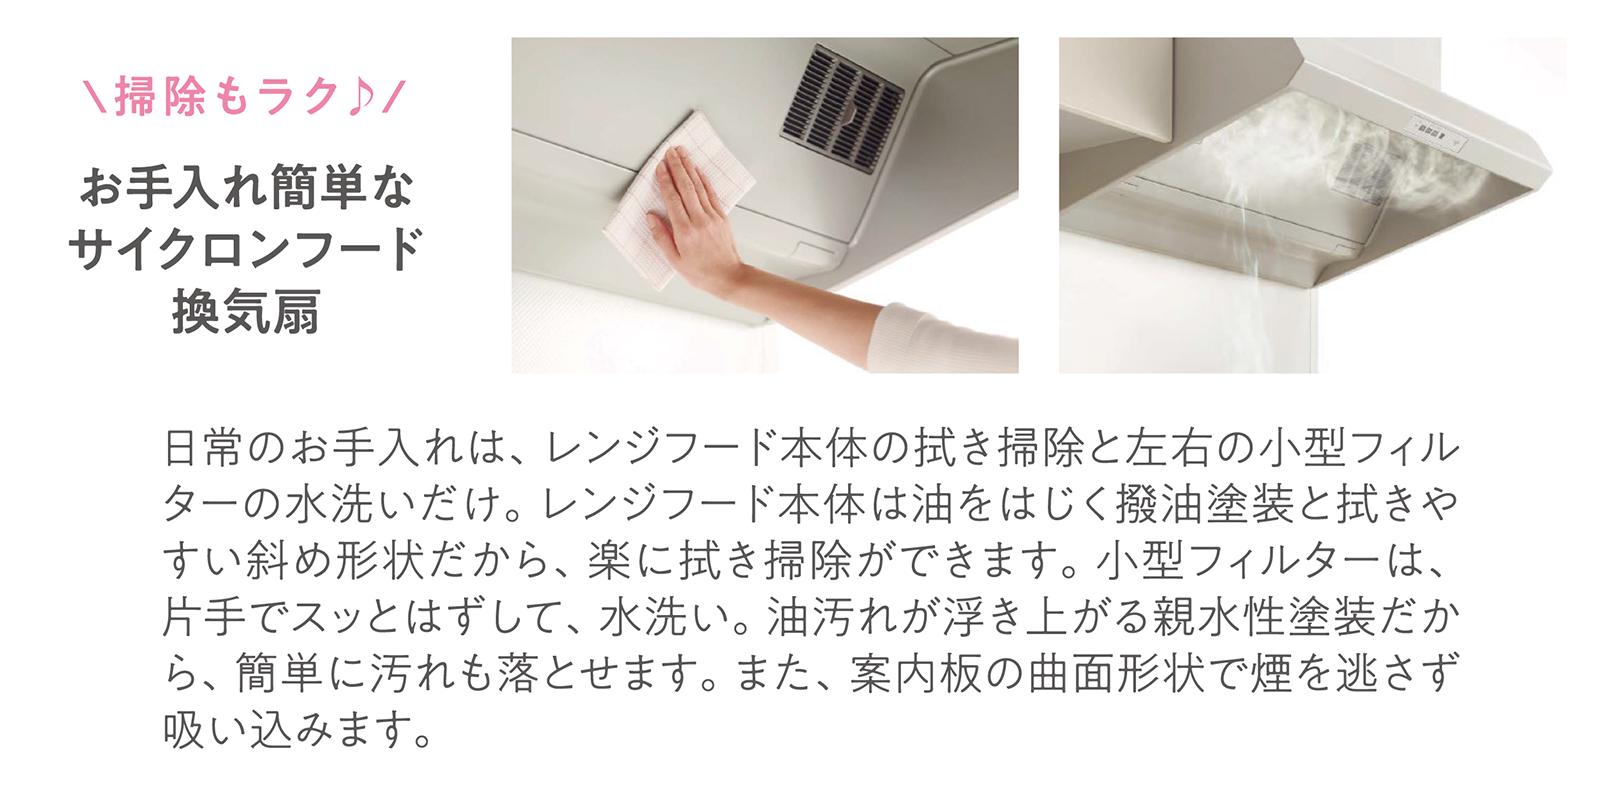 キッチン説明サイクロンフード画像|株式会社未来住建